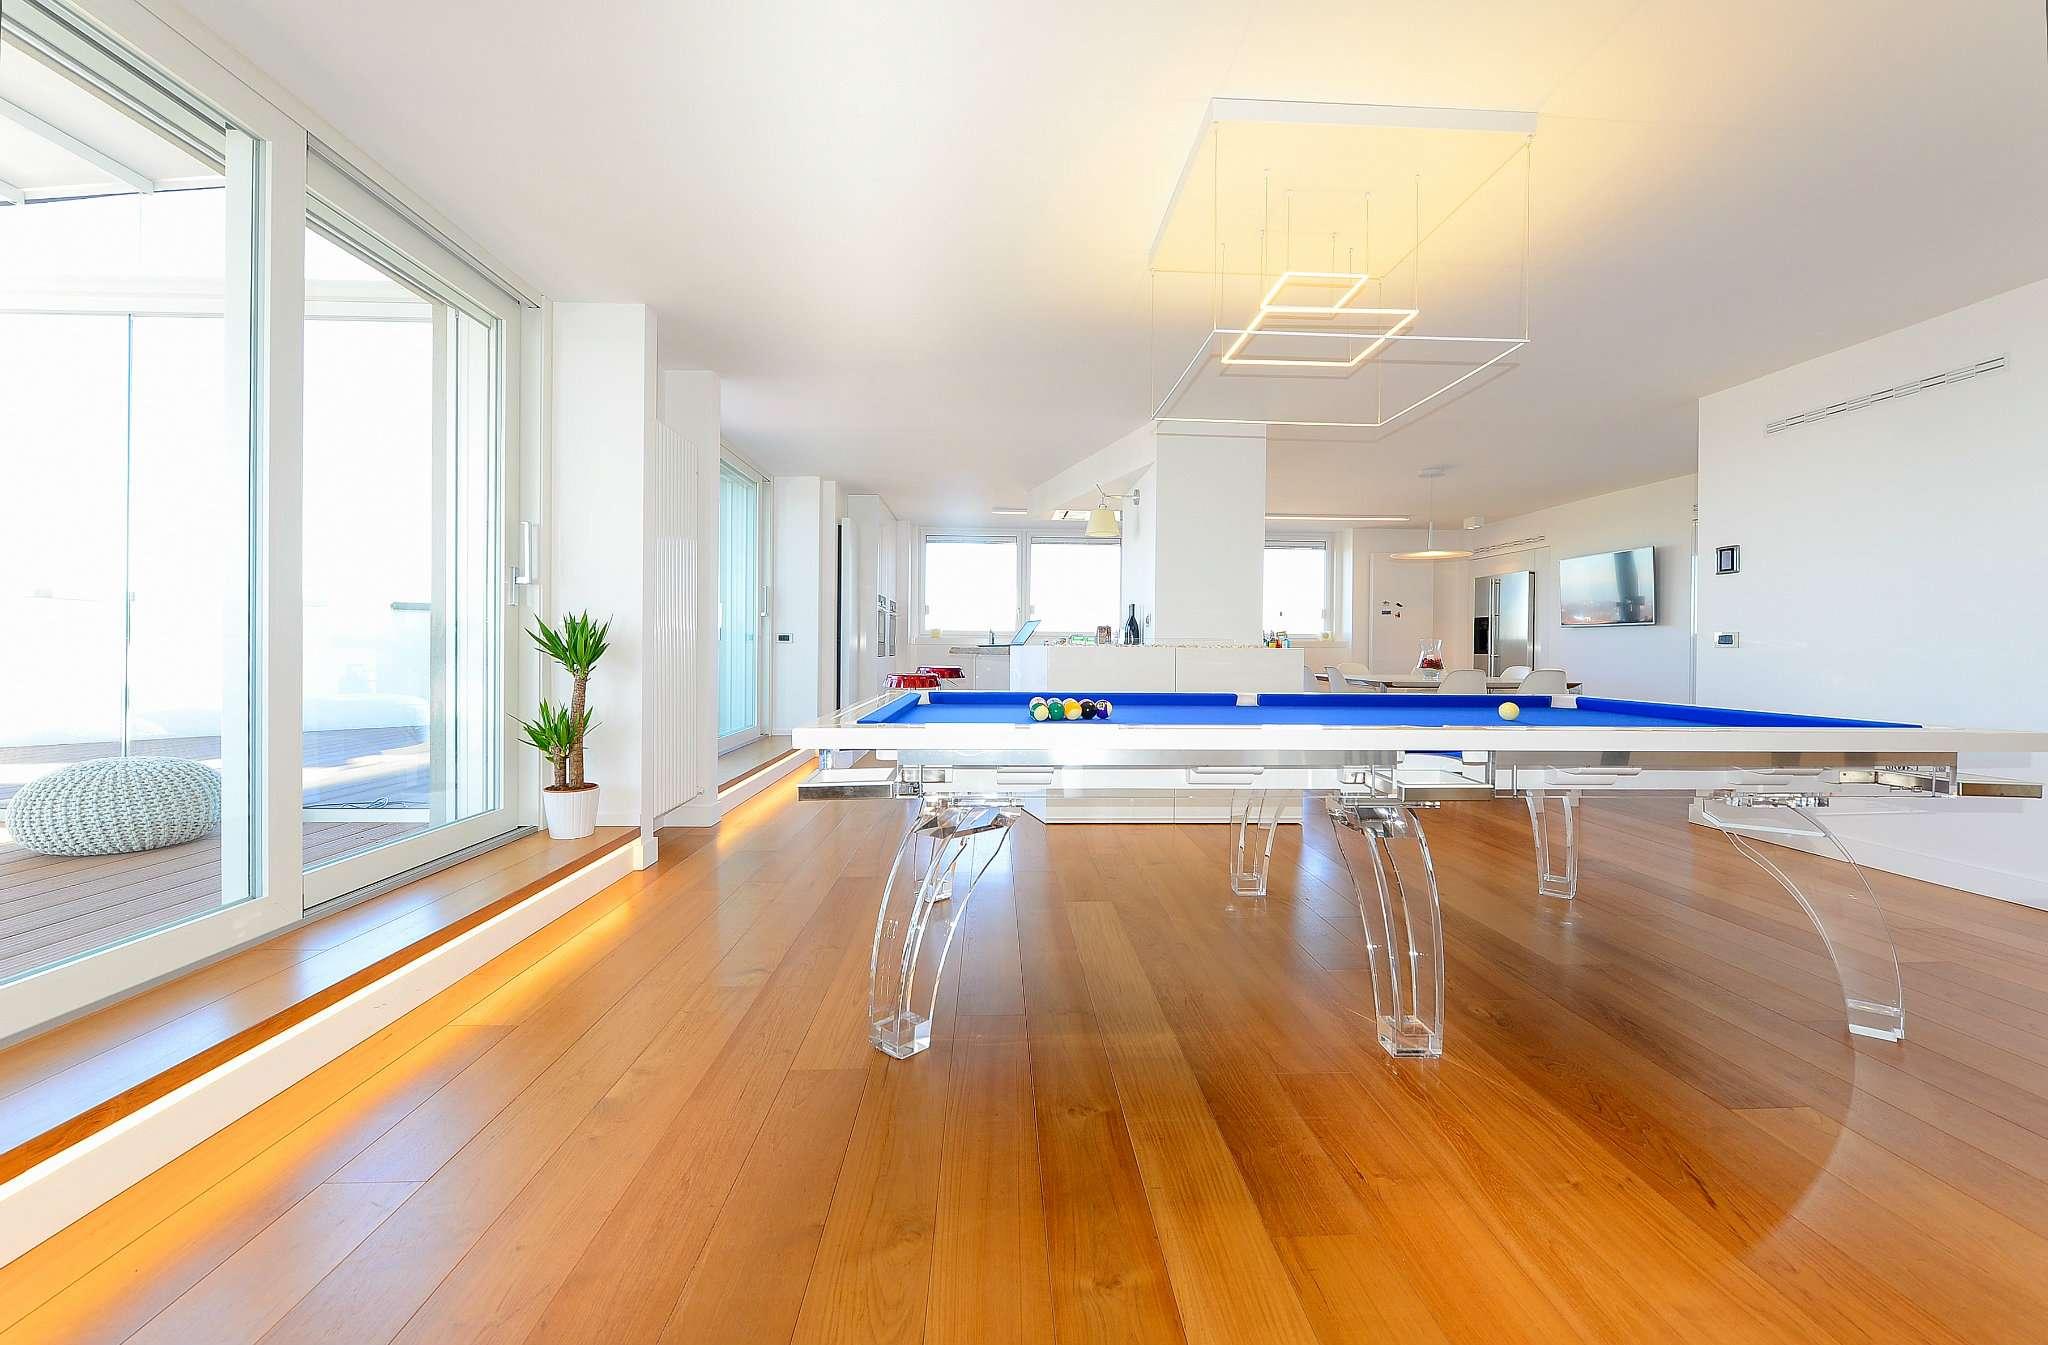 Appartamento in vendita a Milano, 8 locali, zona Zona: 14 . Lotto, Novara, San Siro, QT8 , Montestella, Rembrandt, prezzo € 4.400.000   Cambio Casa.it